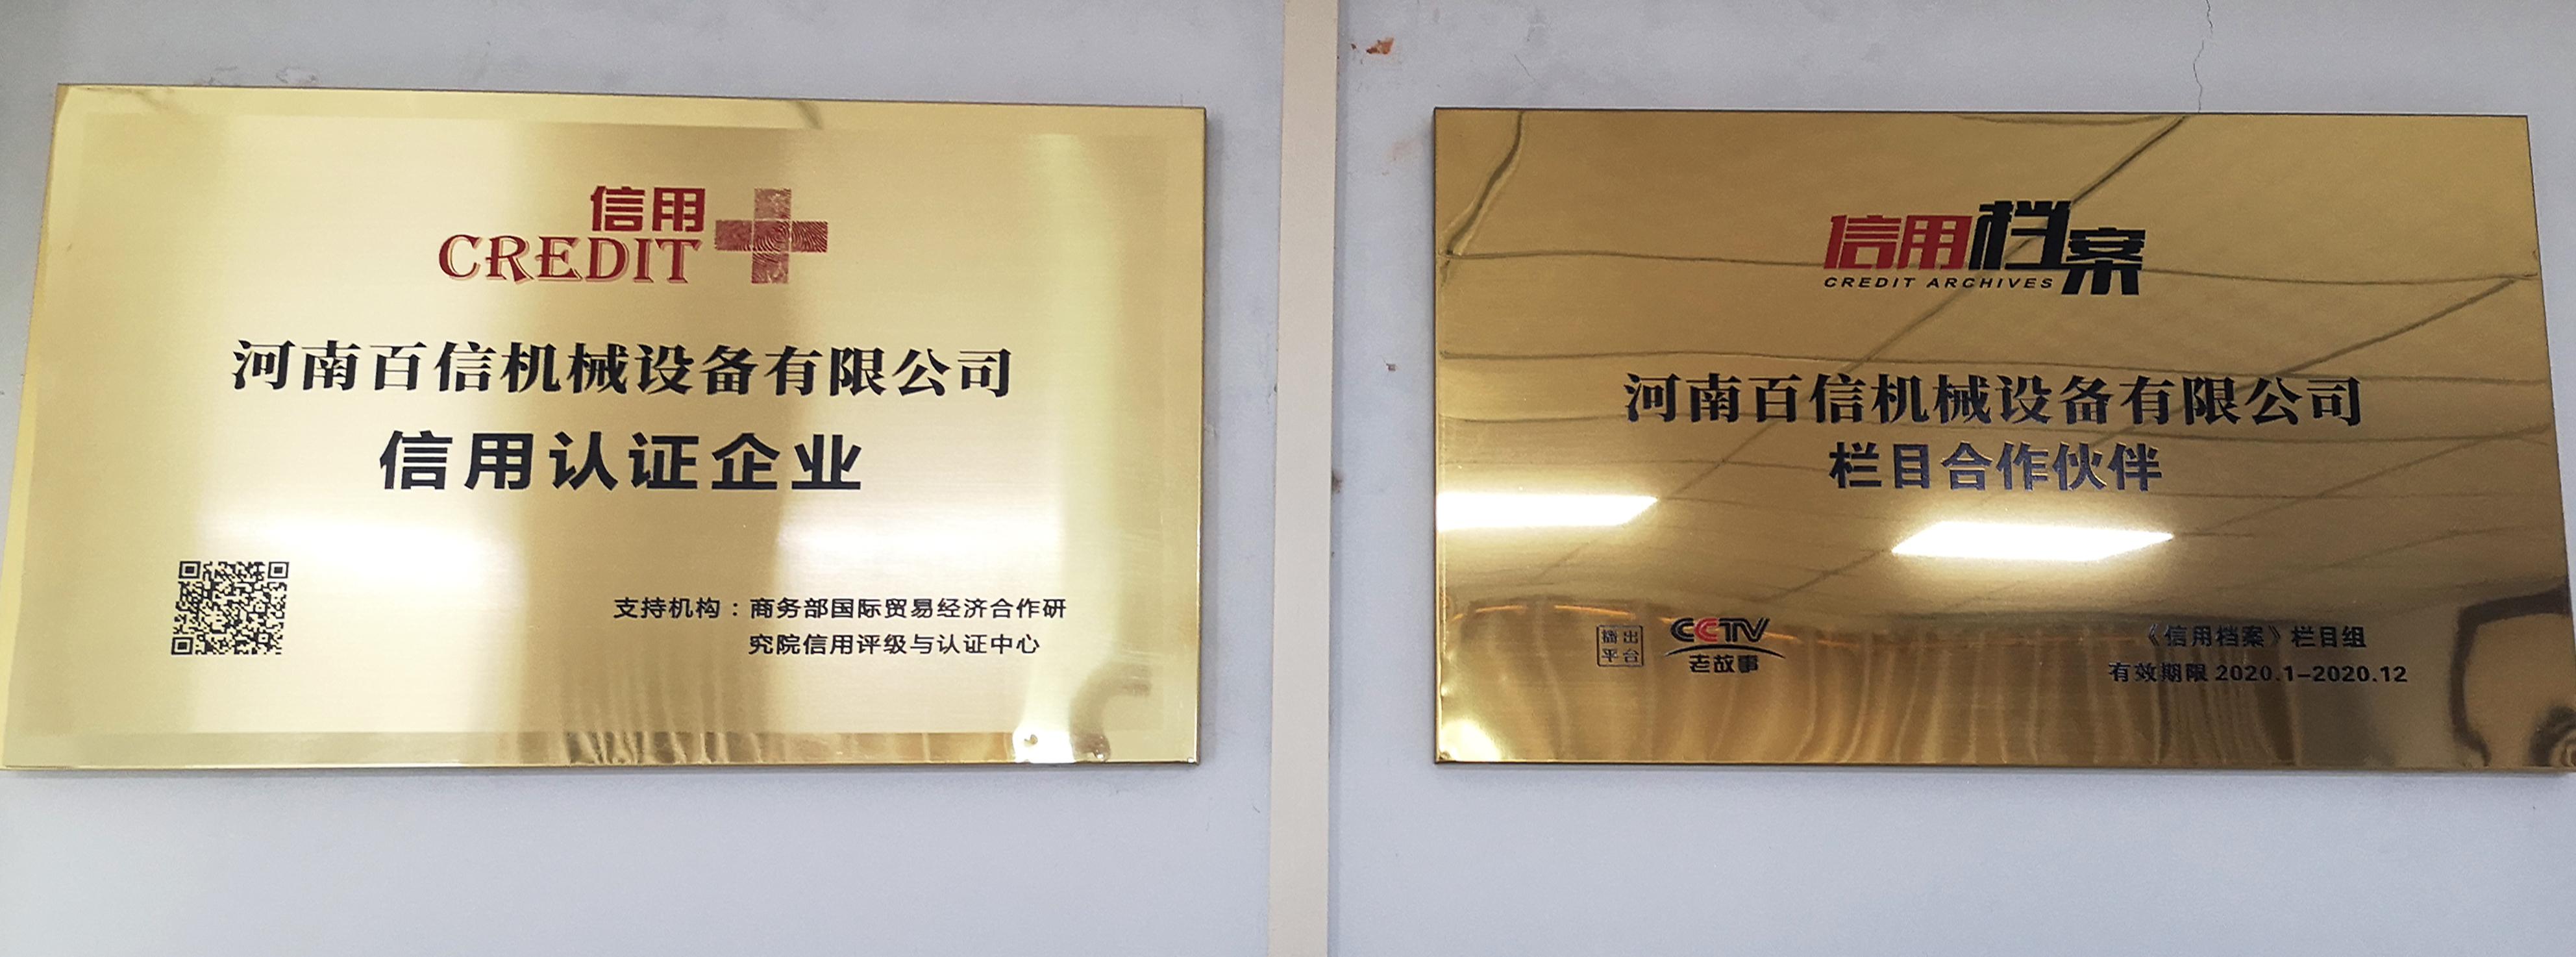 走进 CCTV《信用中国》,黄文峰带您领略